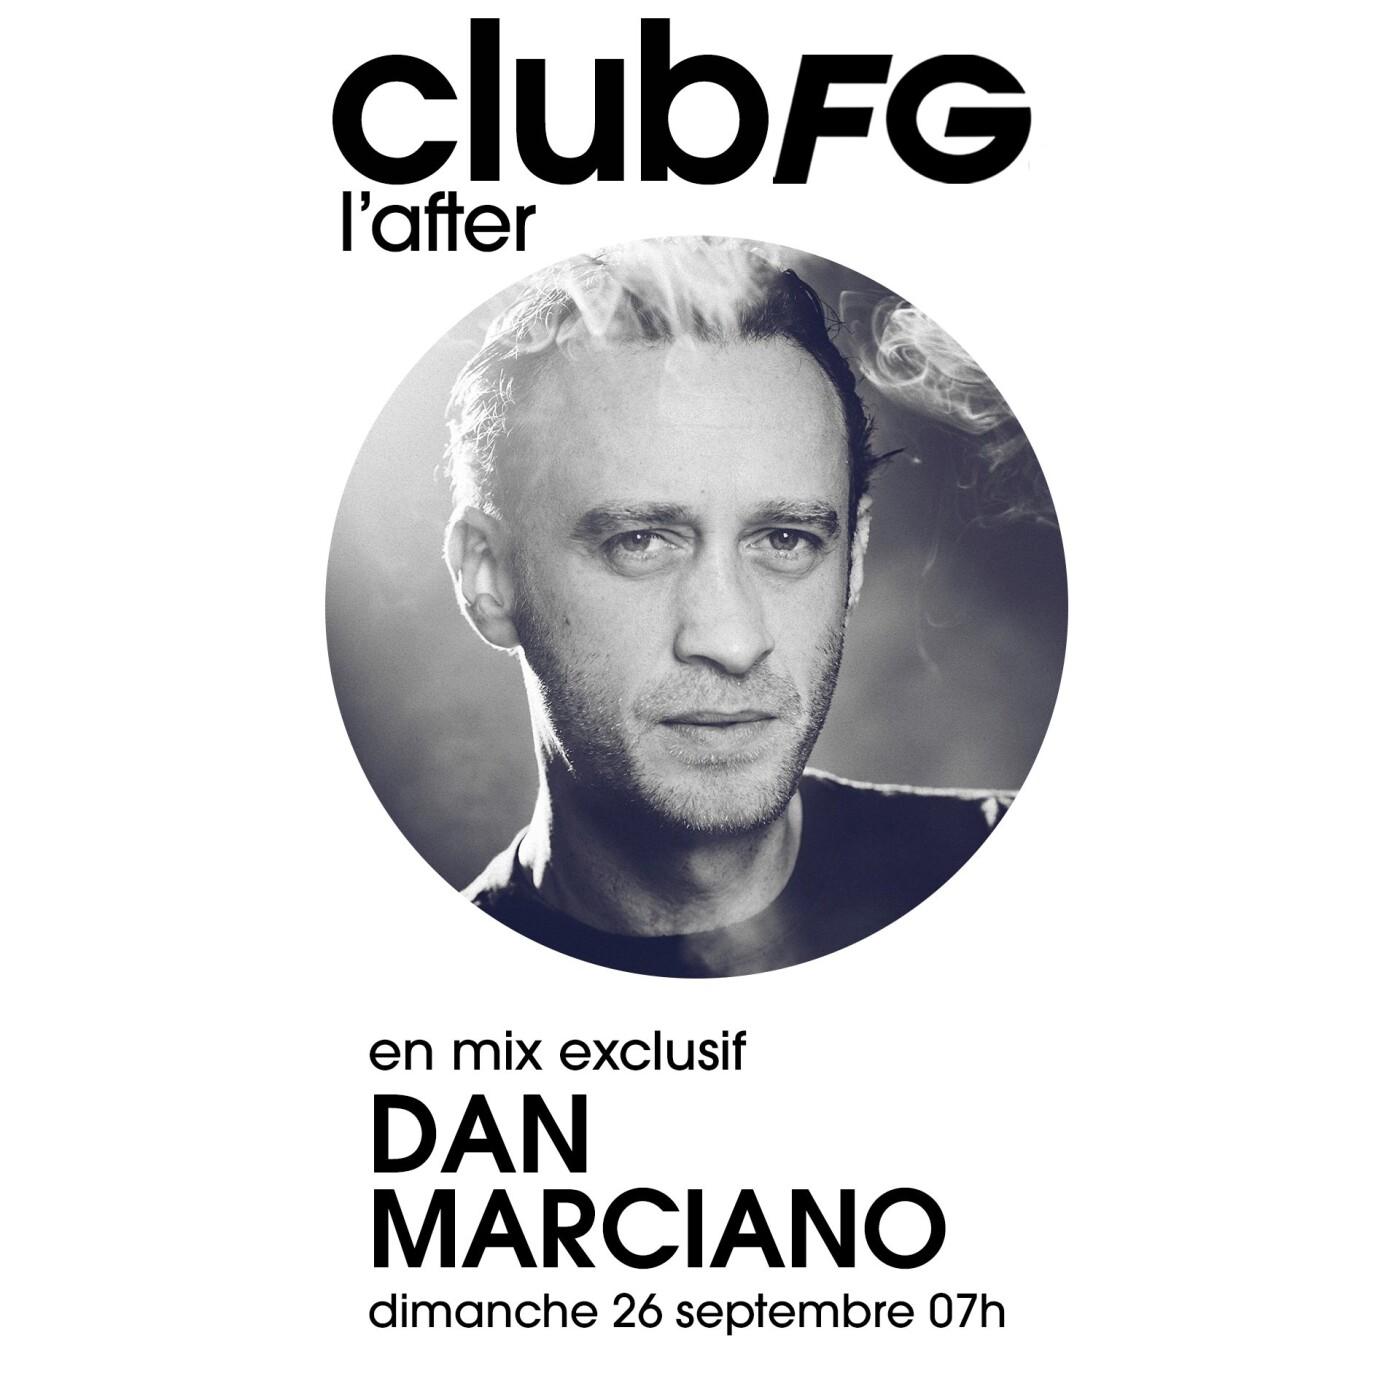 CLUB FG : DAN MARCIANO